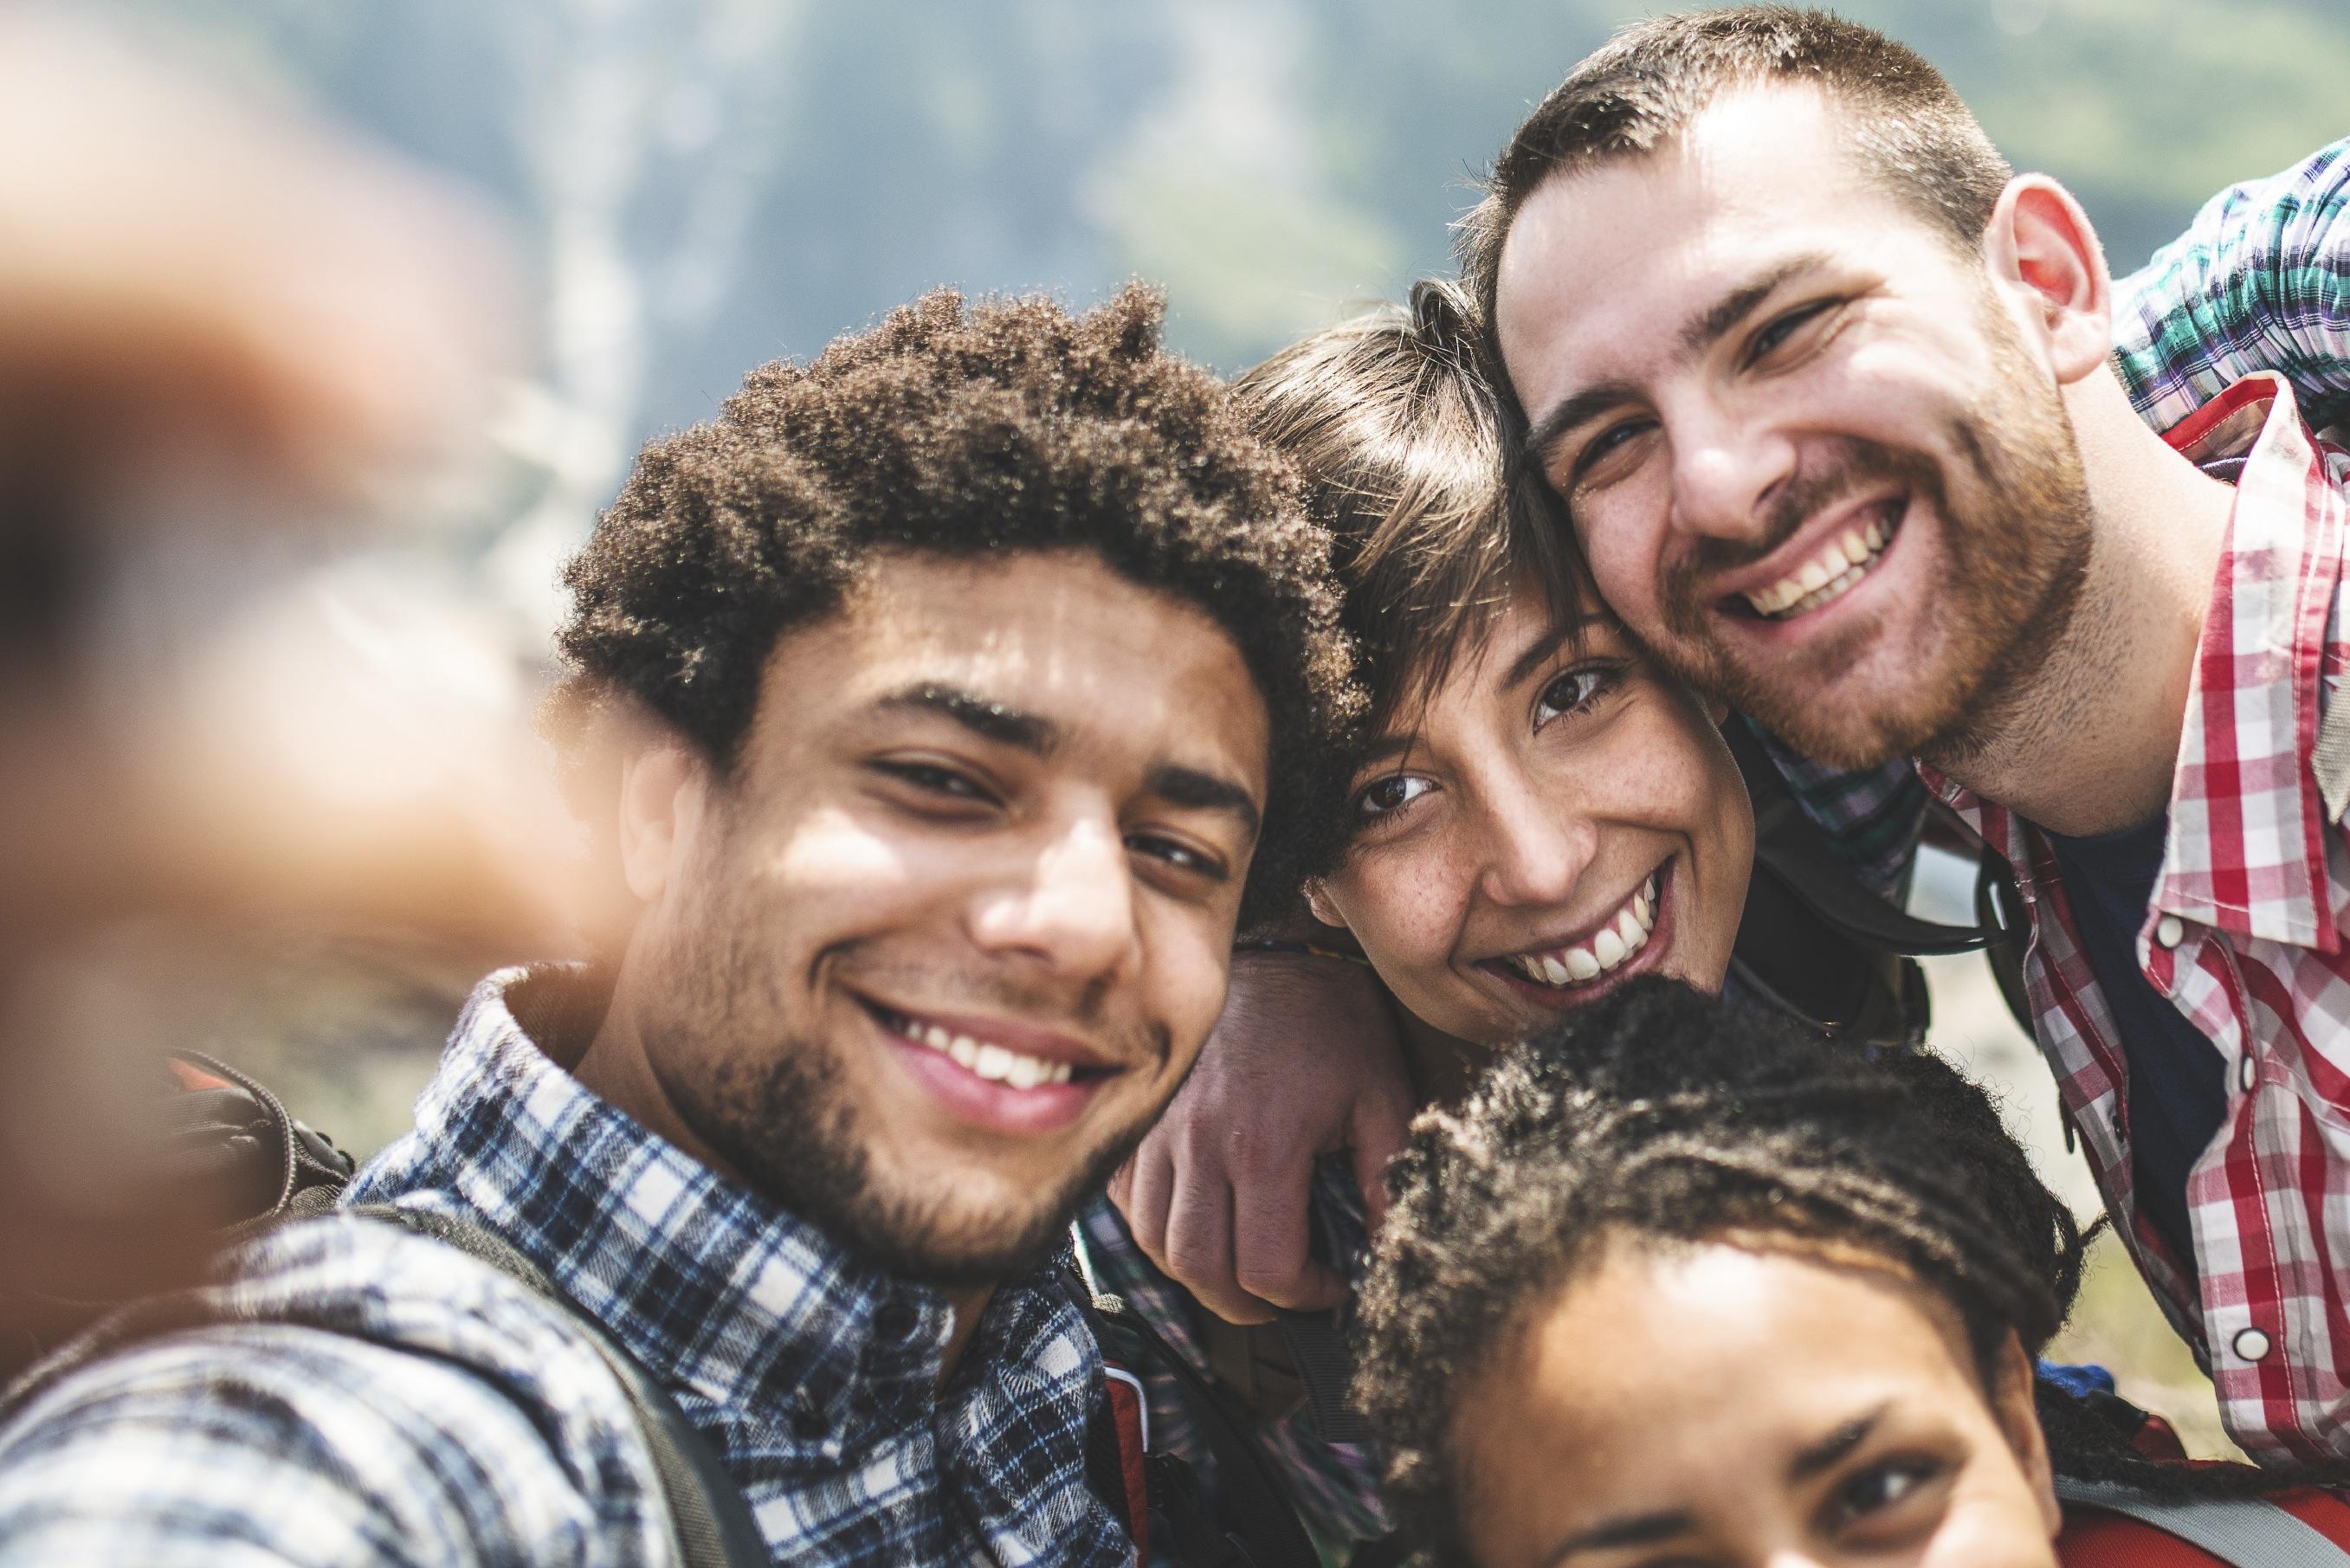 group of teens taking a selfie